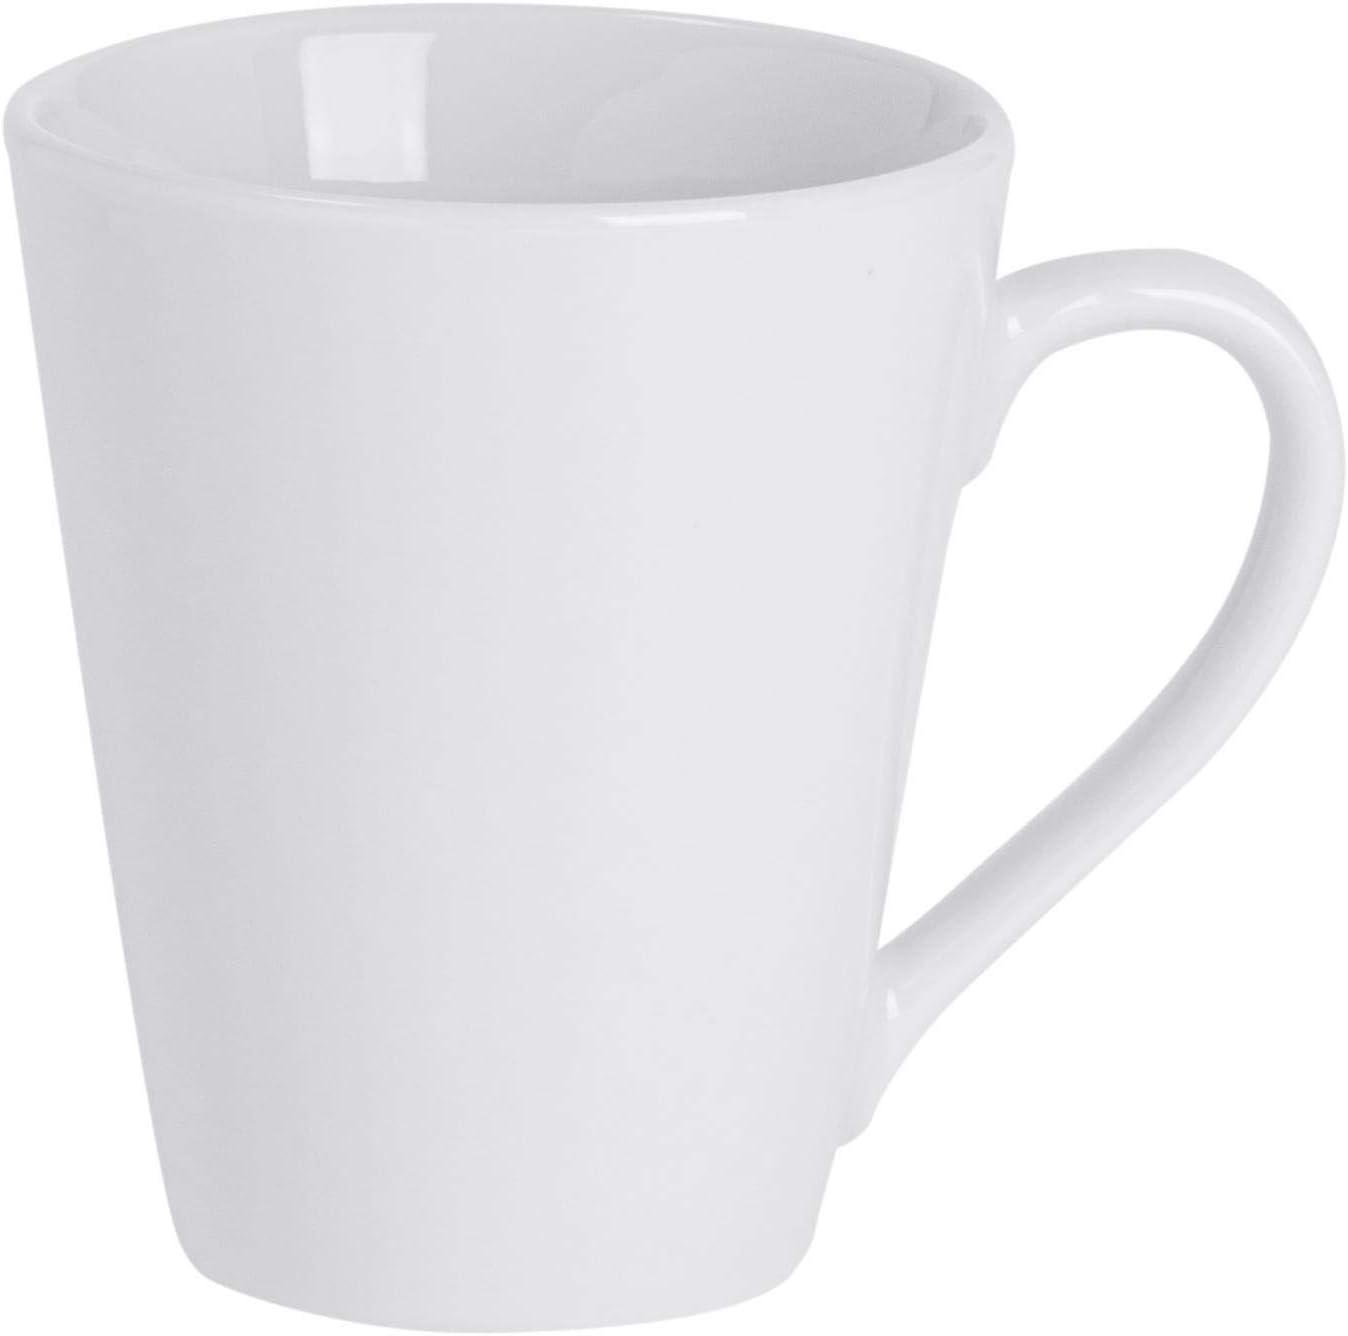 Argon Tableware Juego de Tazas Blancas para el café o té - 285 ml - Pack de 12: Amazon.es: Hogar